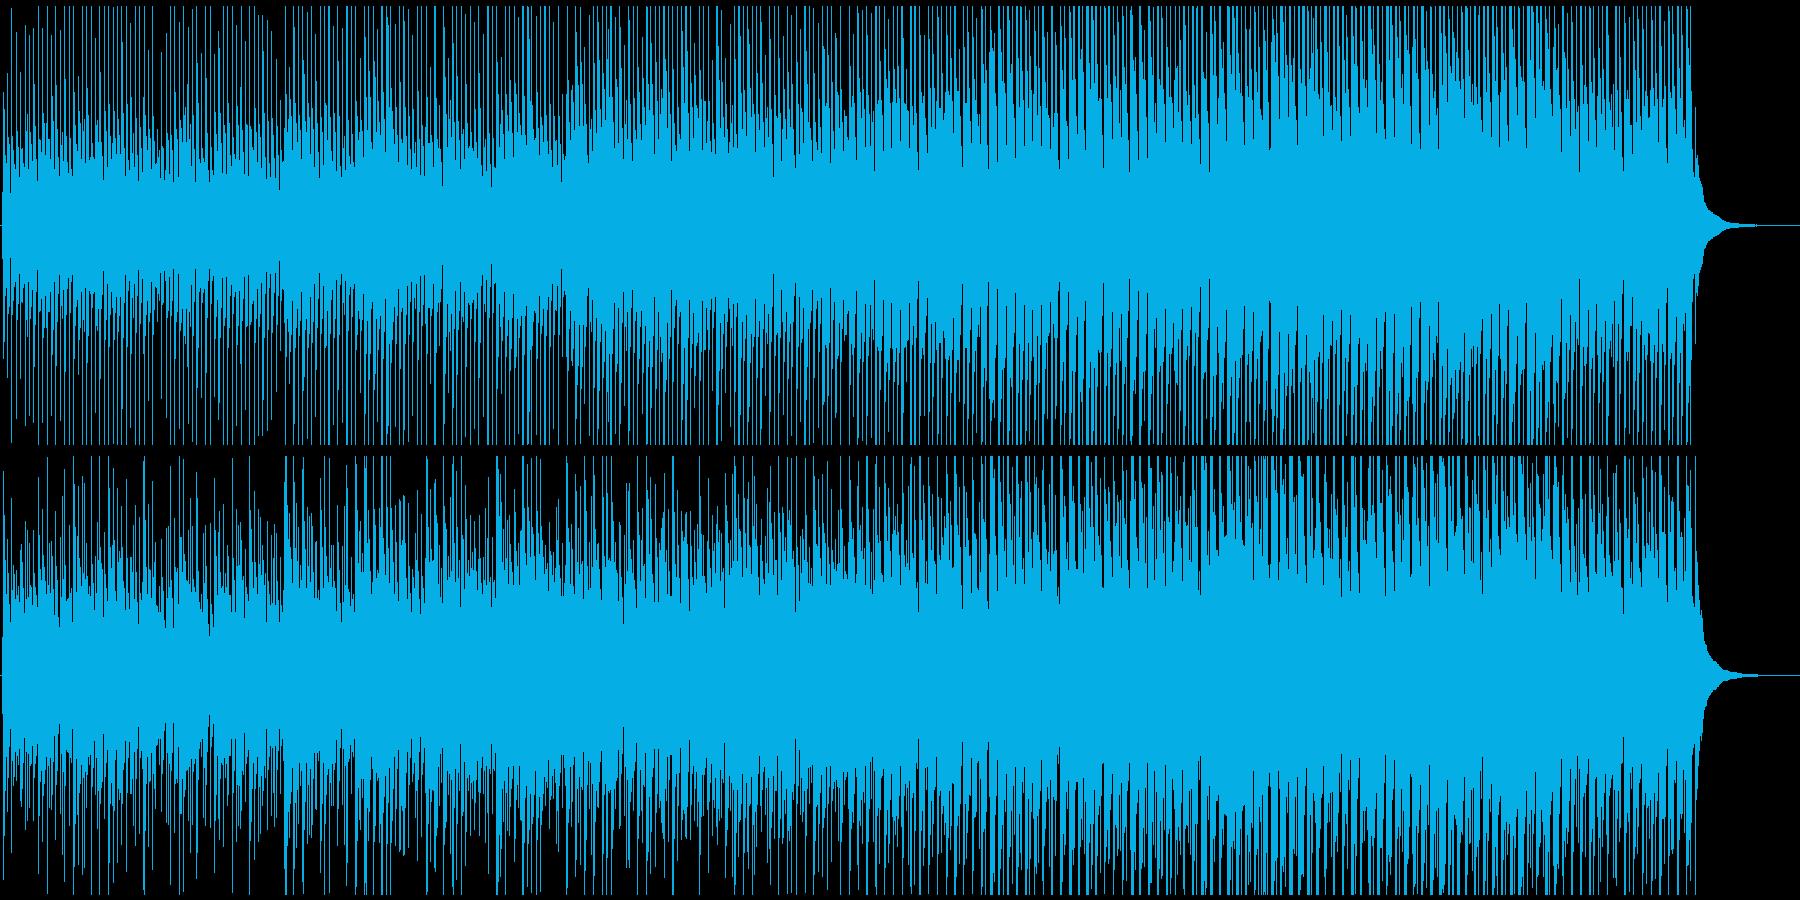 かわいいマーチ風アコースティックポップの再生済みの波形